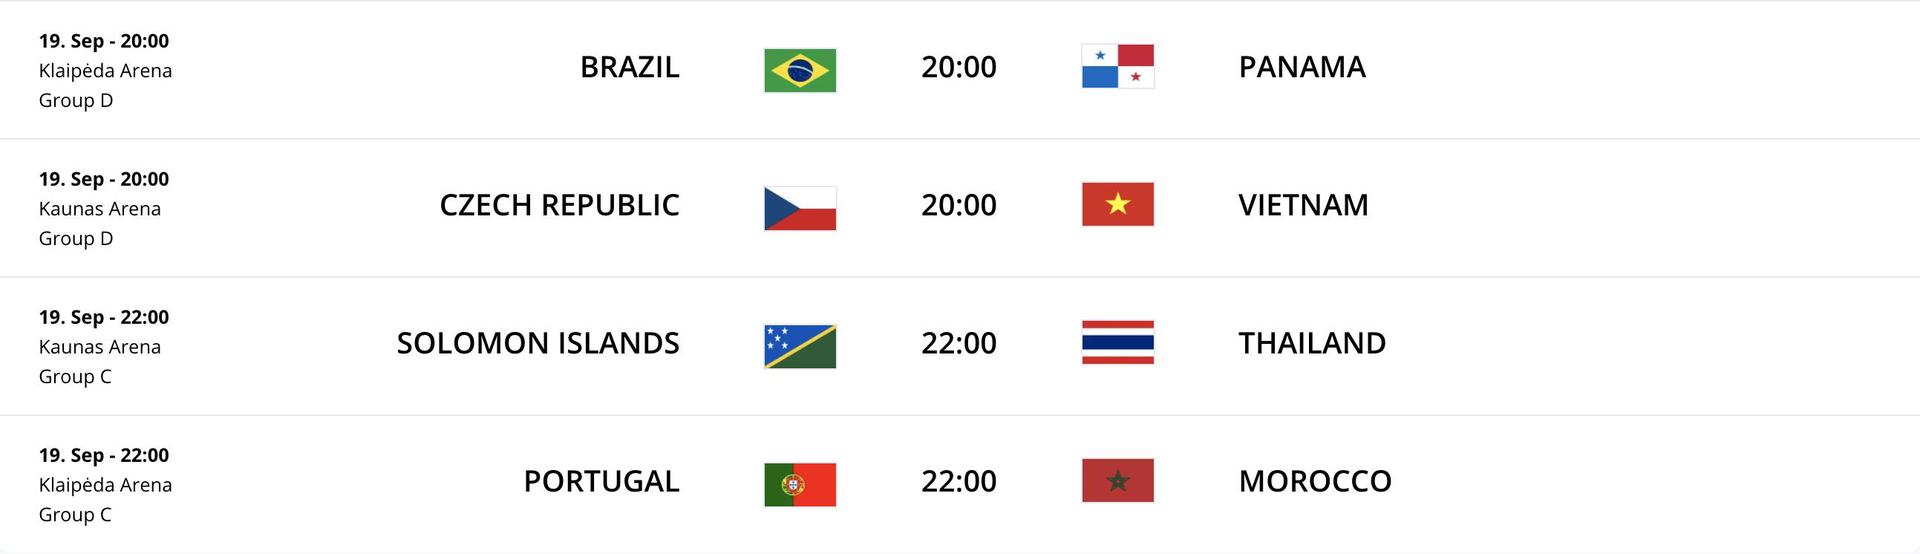 Lịch thi đấu World Cup futsal 2021 hôm nay 19/9 - 1